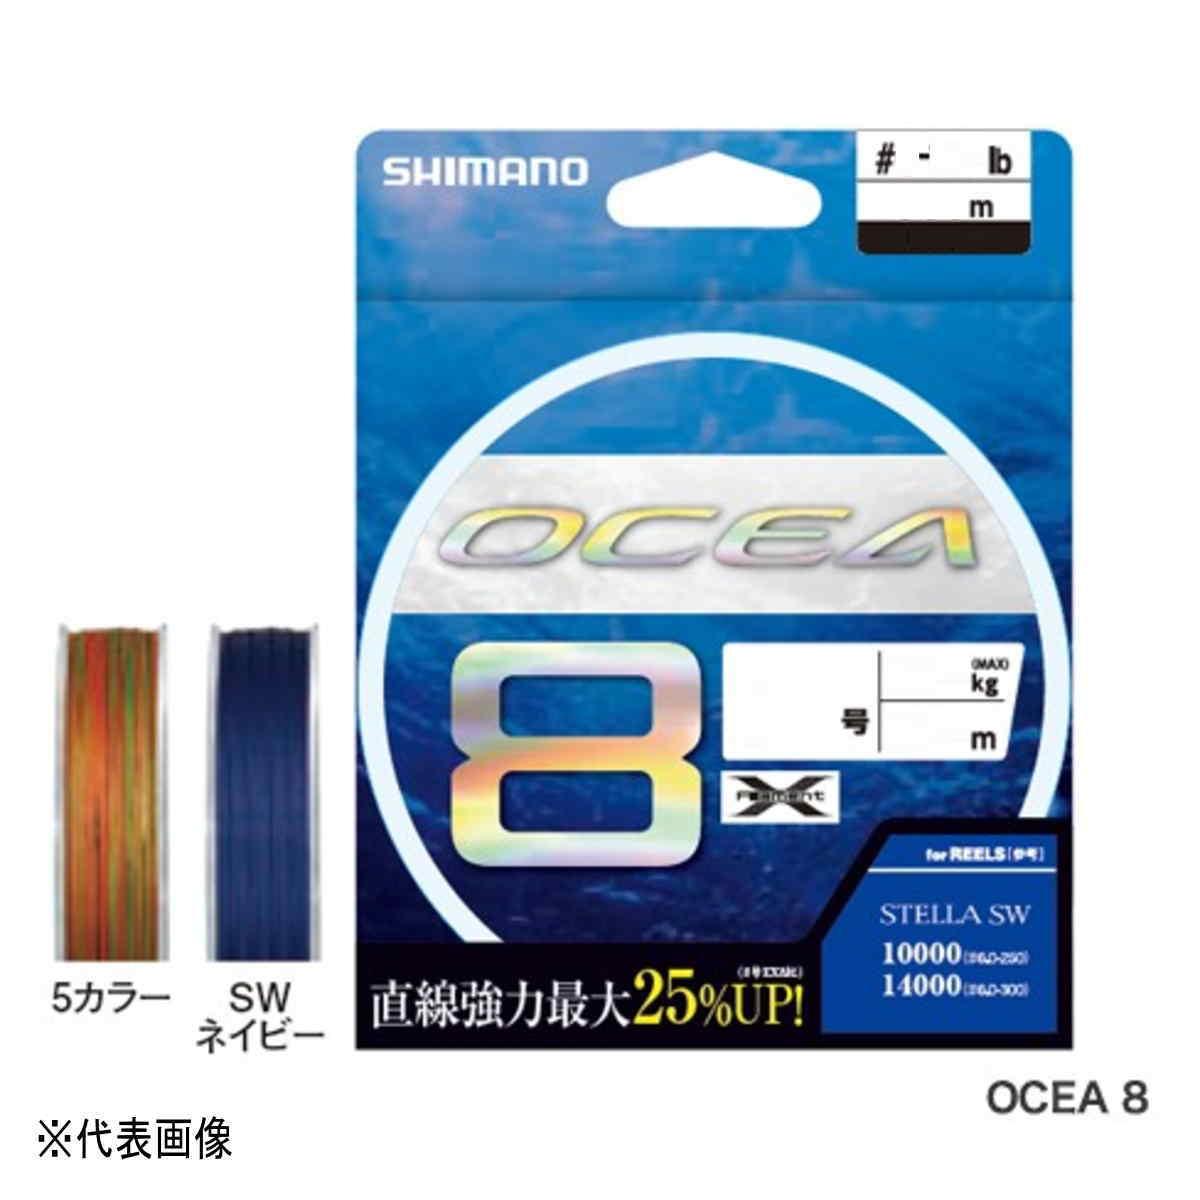 【送料無料4】シマノ PEライン オシア8 LD-A81S 400m 5.0号 5カラー